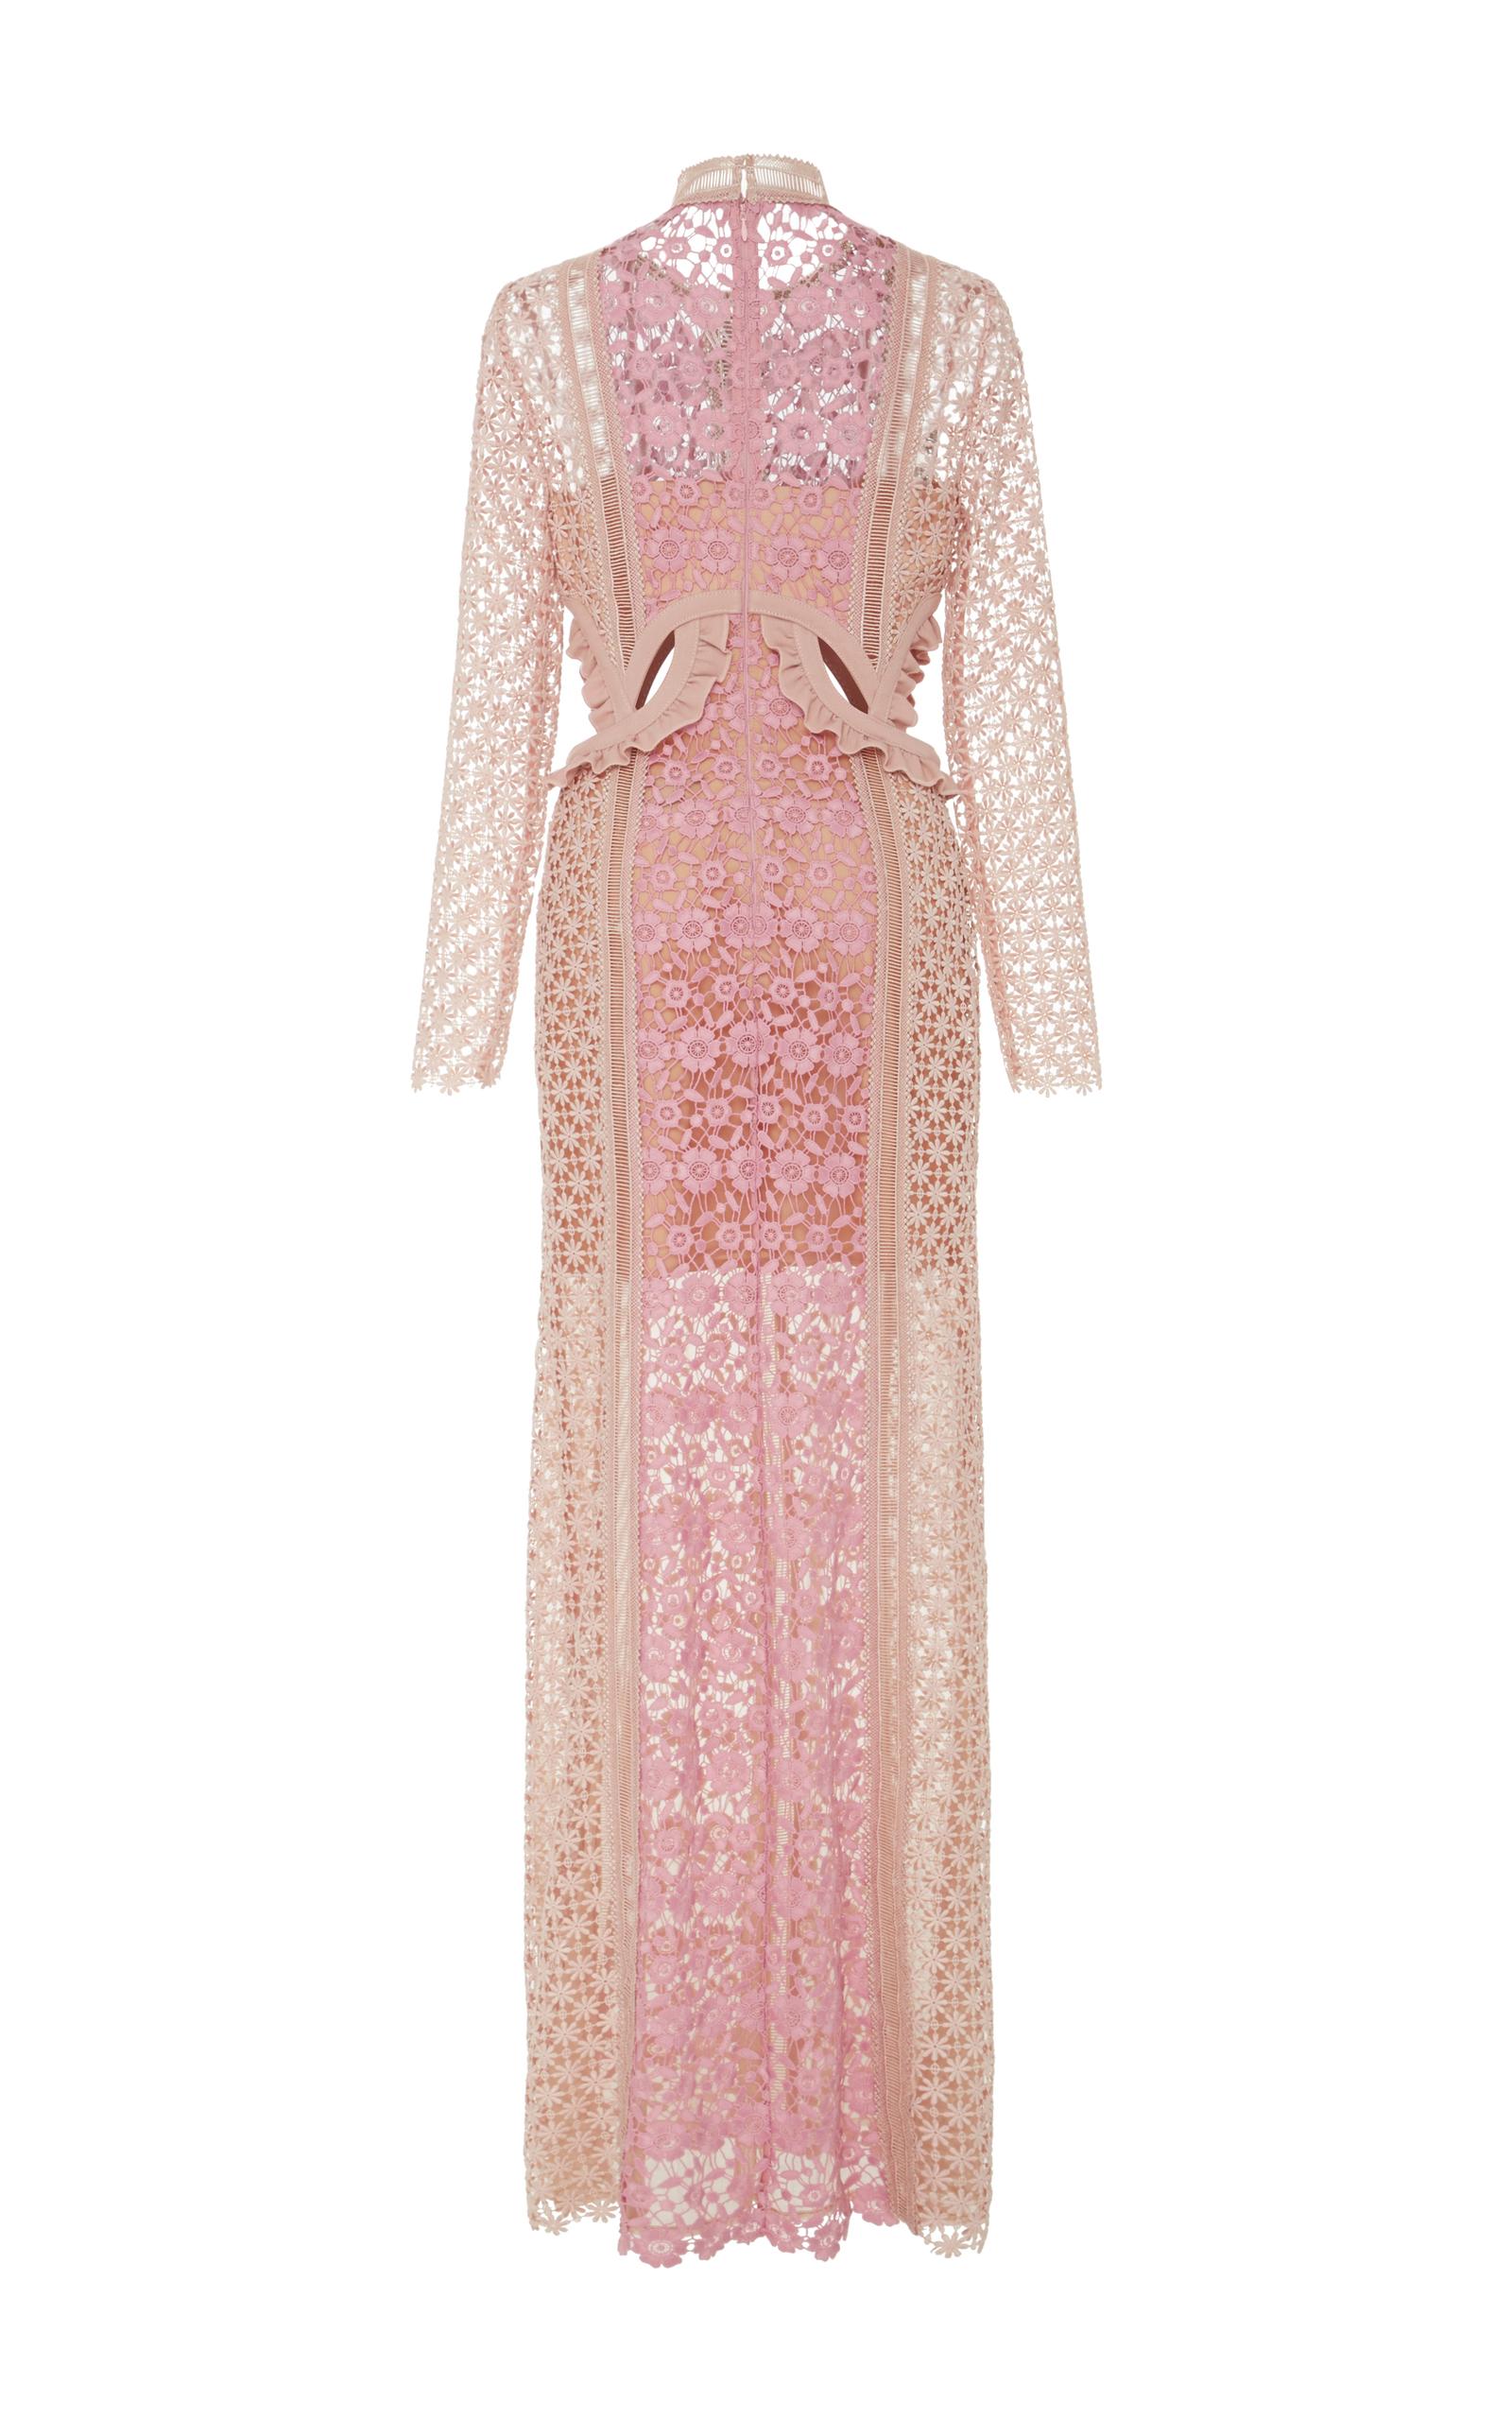 2c2abc6da6c7 Self PortraitPayne Ruffle-Trimmed Lace Maxi Dress. CLOSE. Loading. Loading